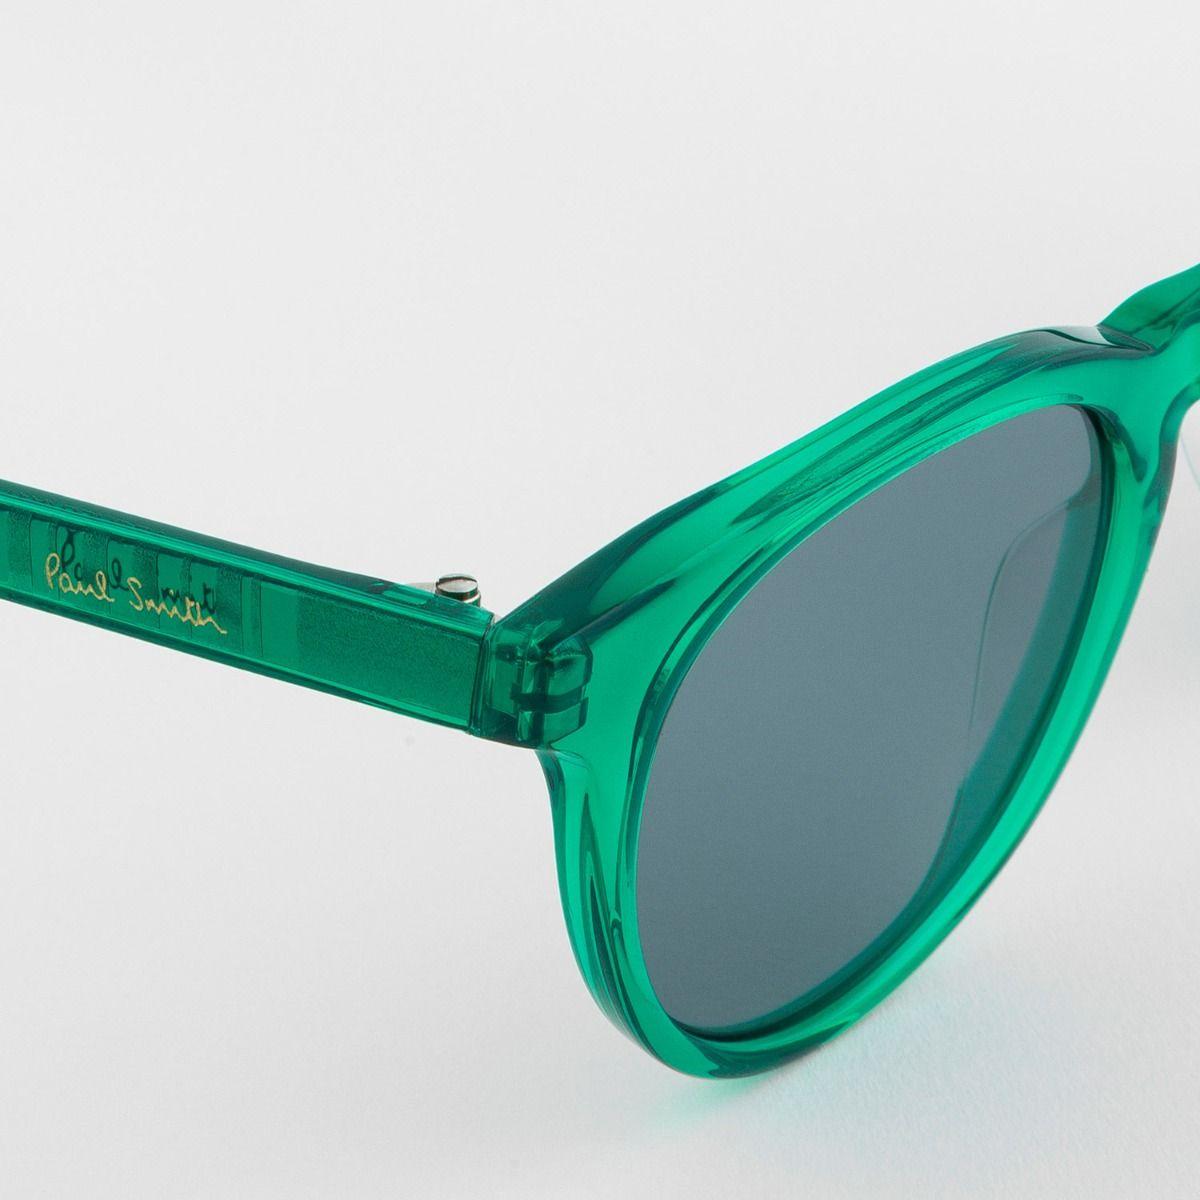 Paul Smith Archer Round Sunglasses (Small)